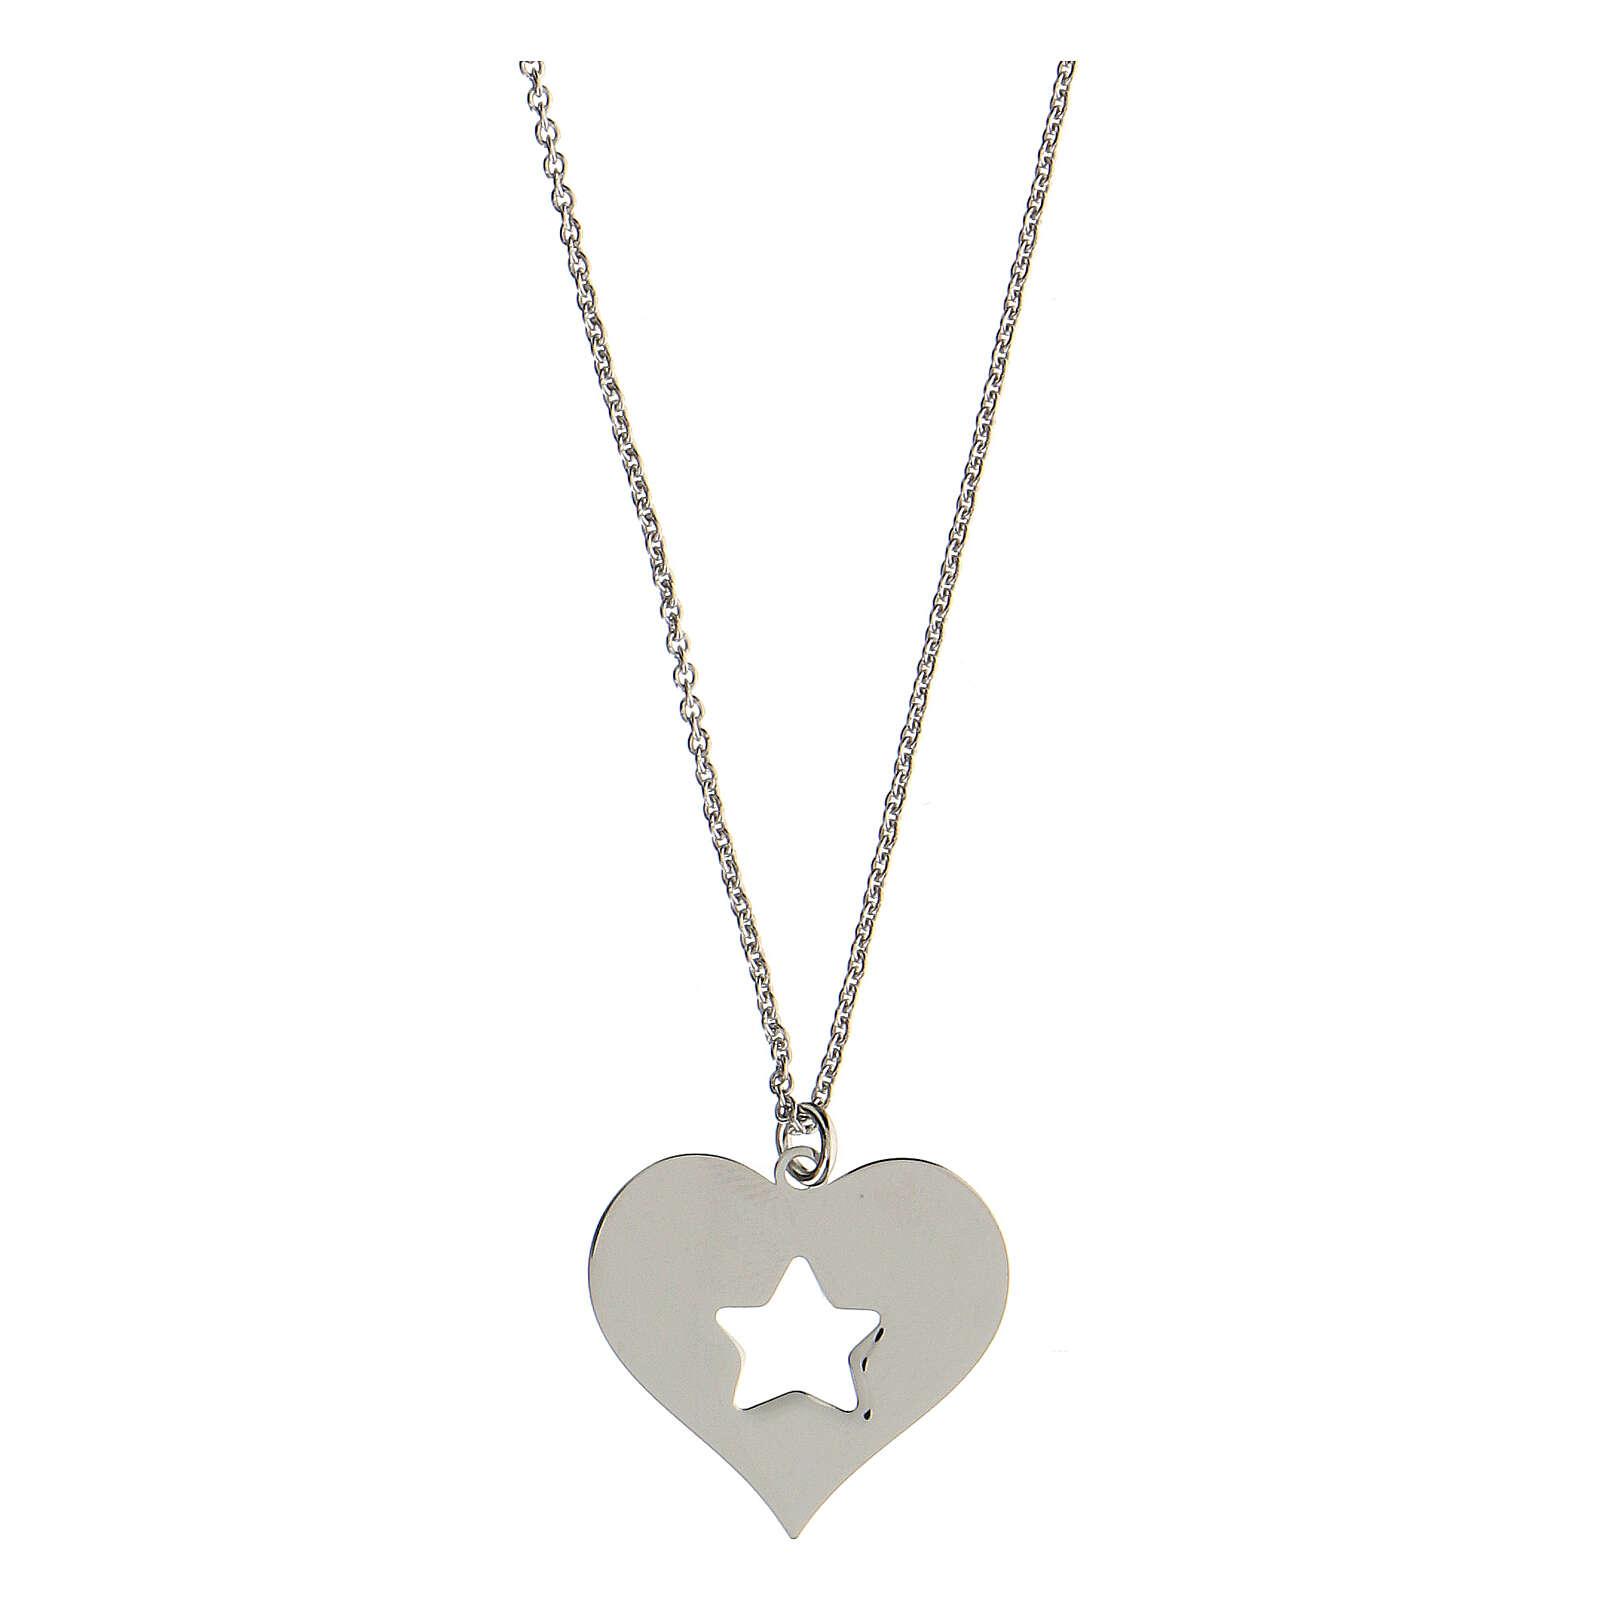 Collana cuore stella argento 925 4